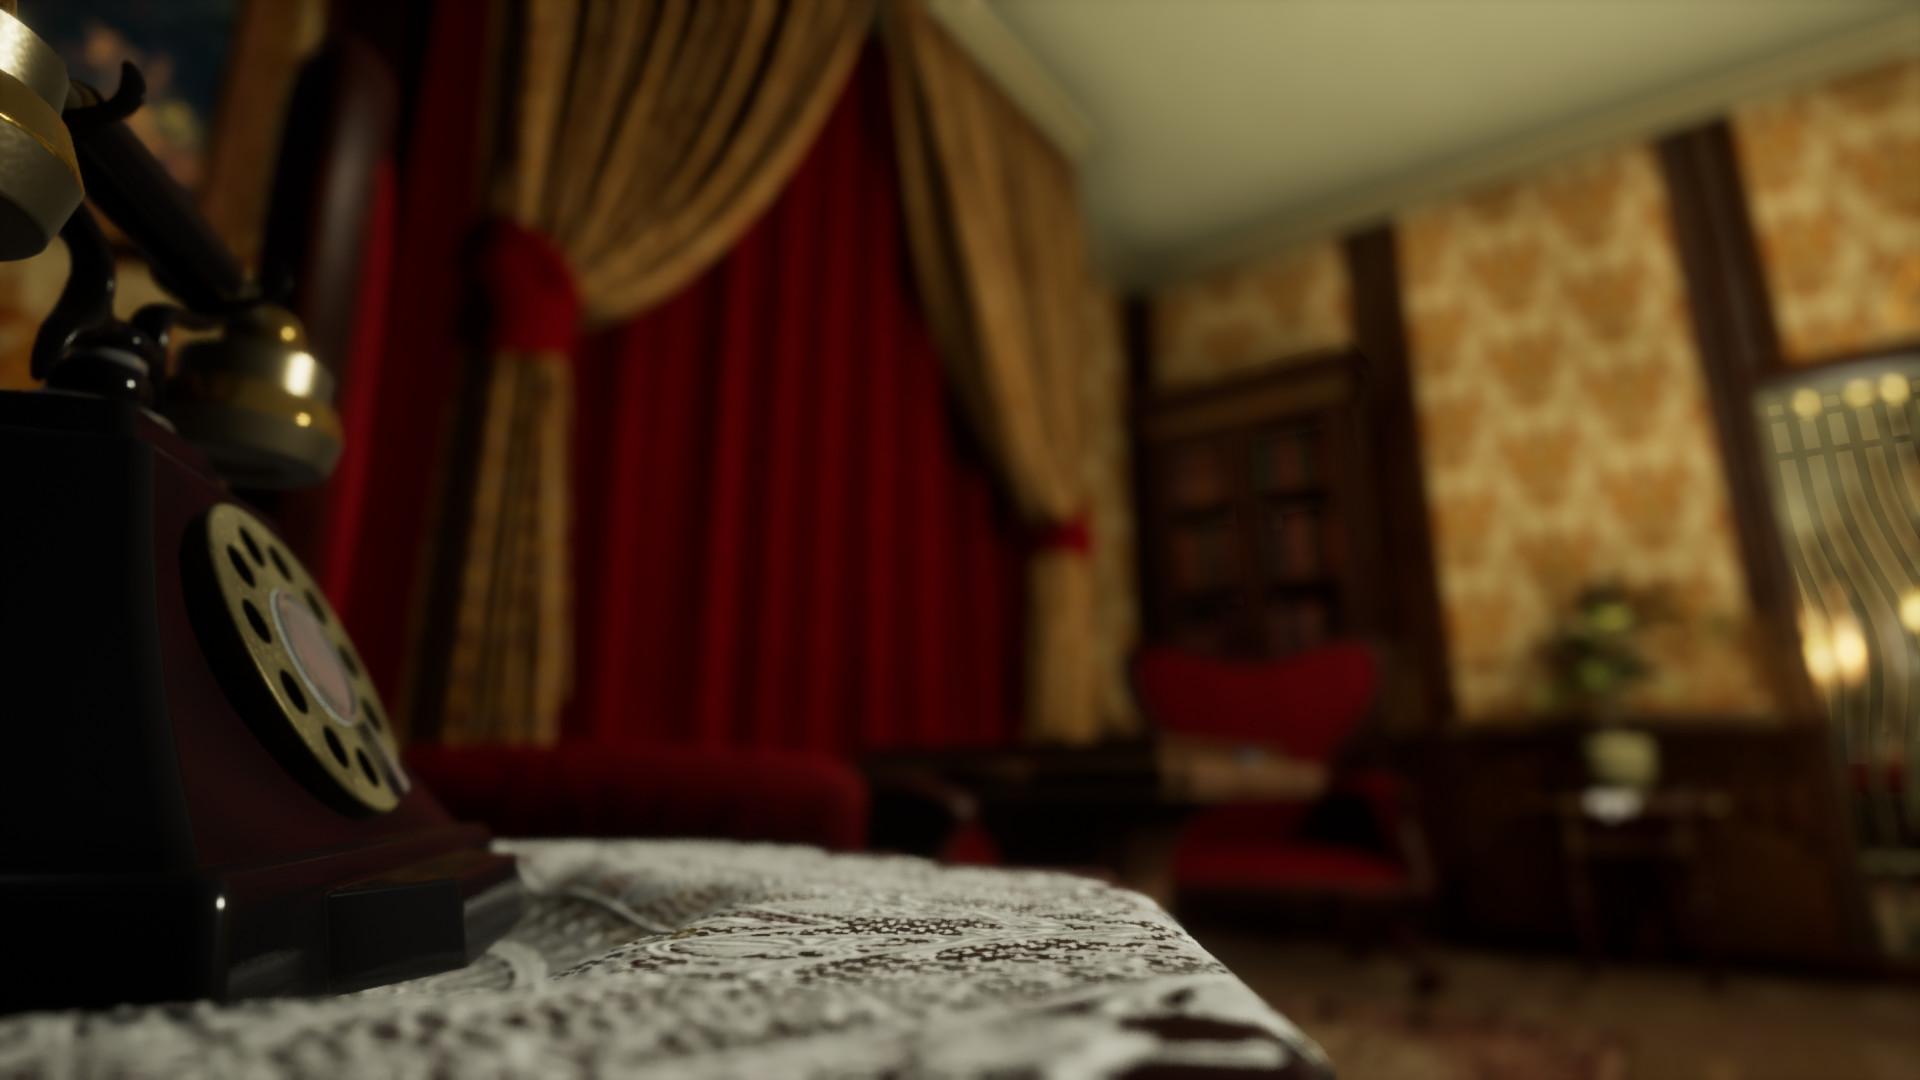 戈耳迪房间:奇特遗产图片